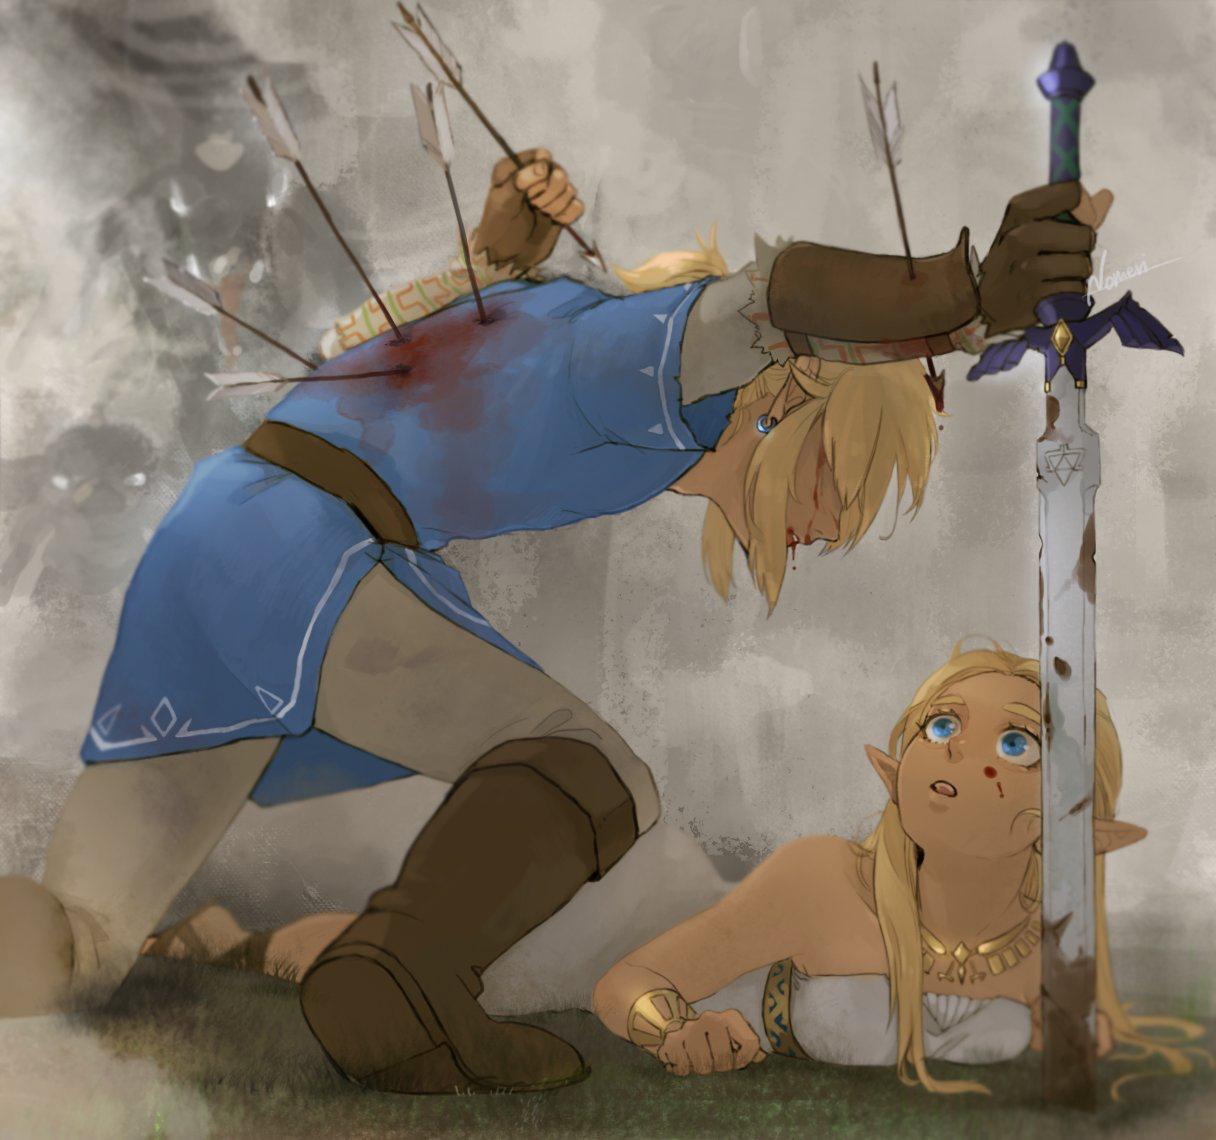 Tloz Botw Link Zelda The Legend Of Zelda Pinterest